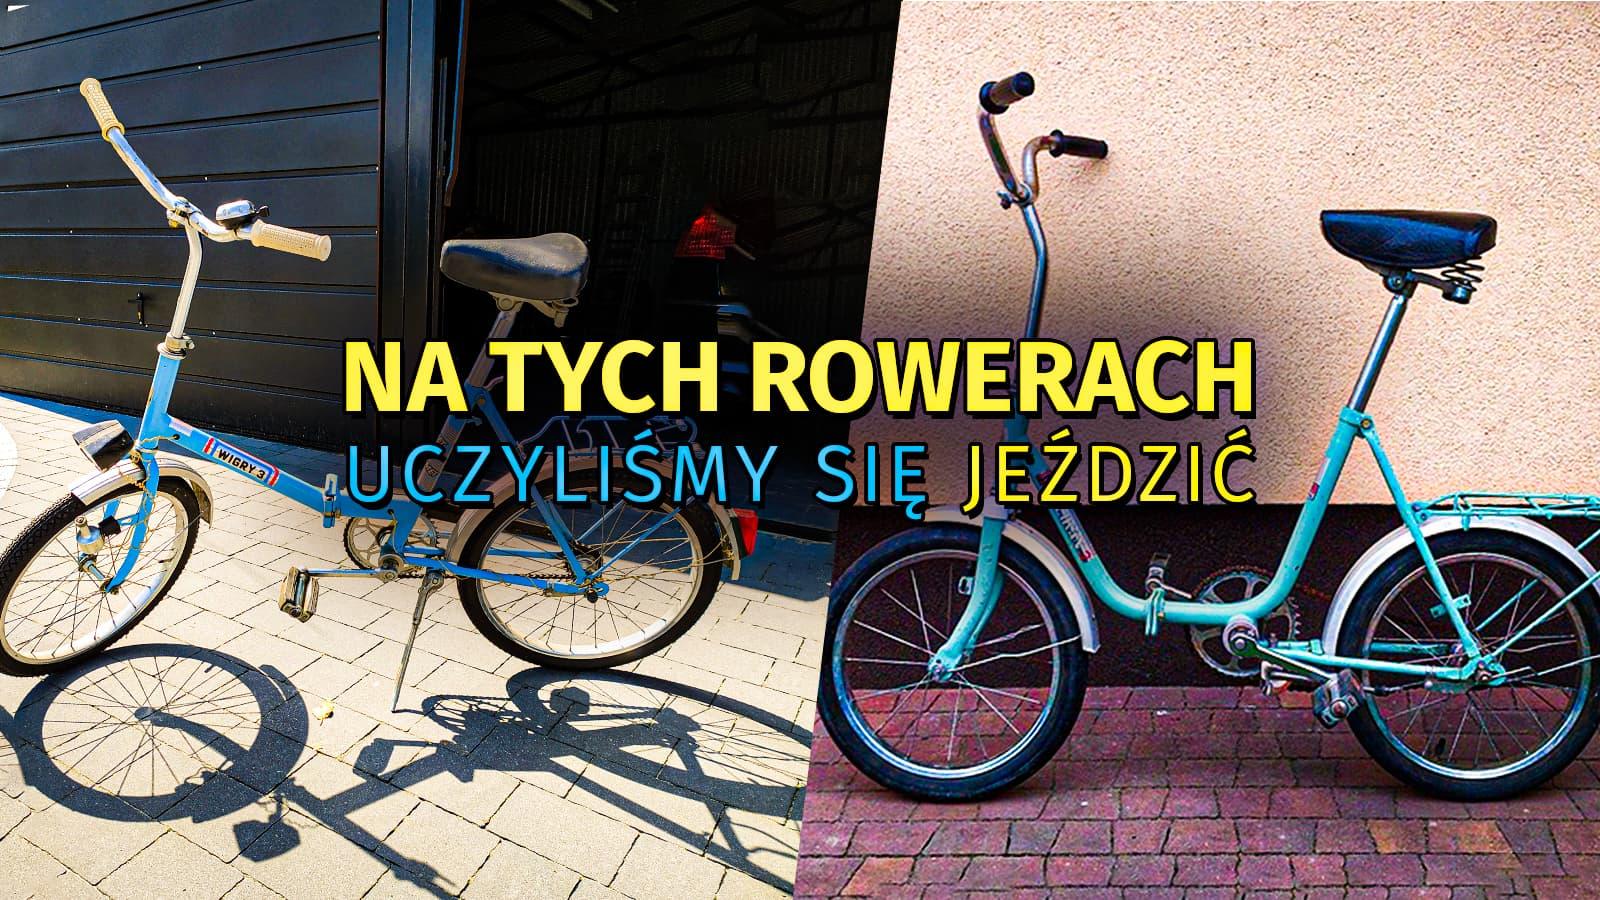 Wigry 3, Pelikan, Jubilat - na tych rowerach uczyliśmy się jeździć. Aż się łezka w oku kręci